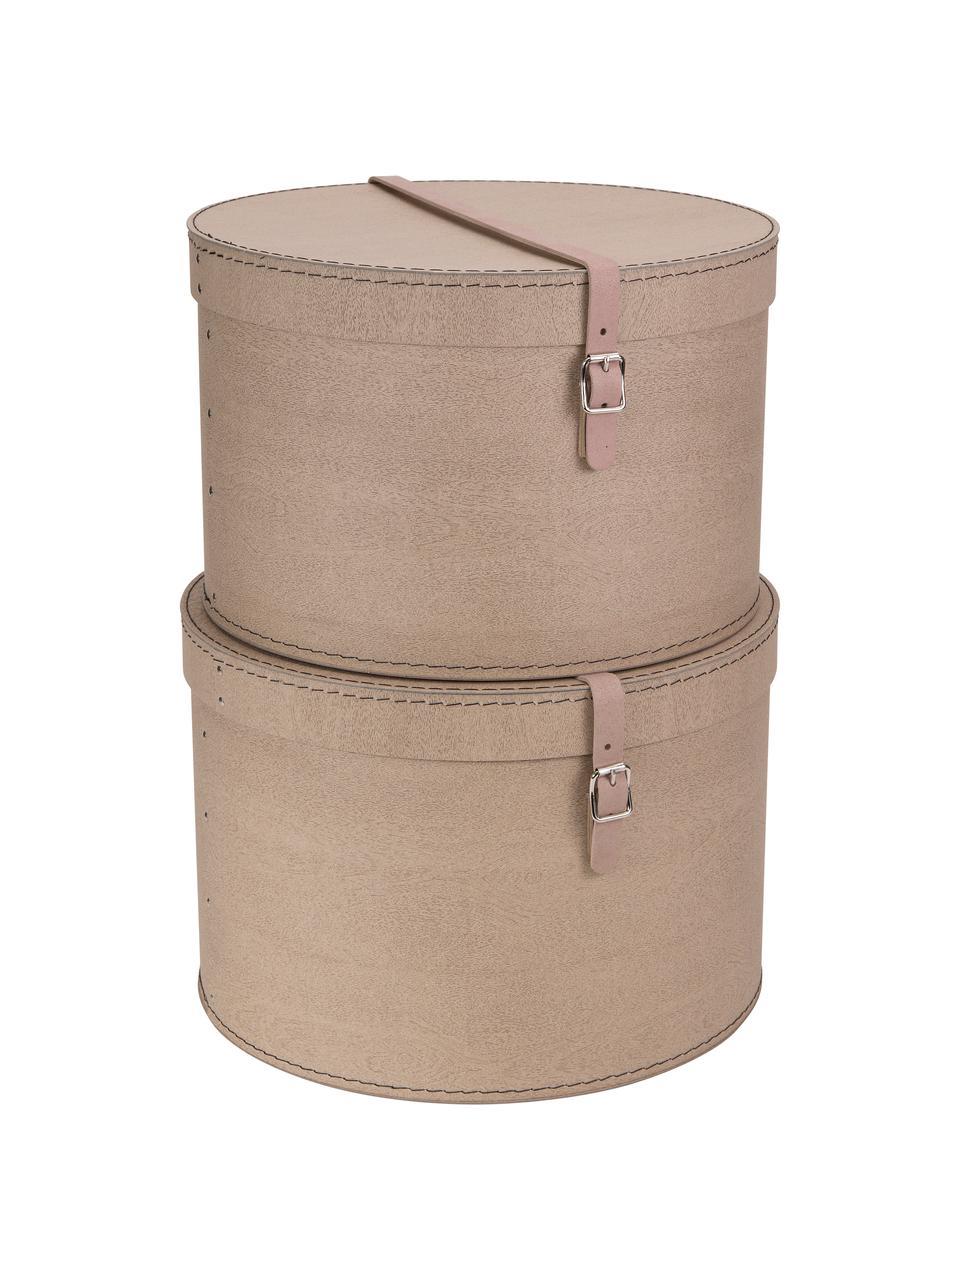 Set 2 scatole Rut, Scatola: cartone massiccio, stampa, Manico: pelle, metallo, Scatola esterno: beige Scatola interno: nero Manico: beige, Set in varie misure